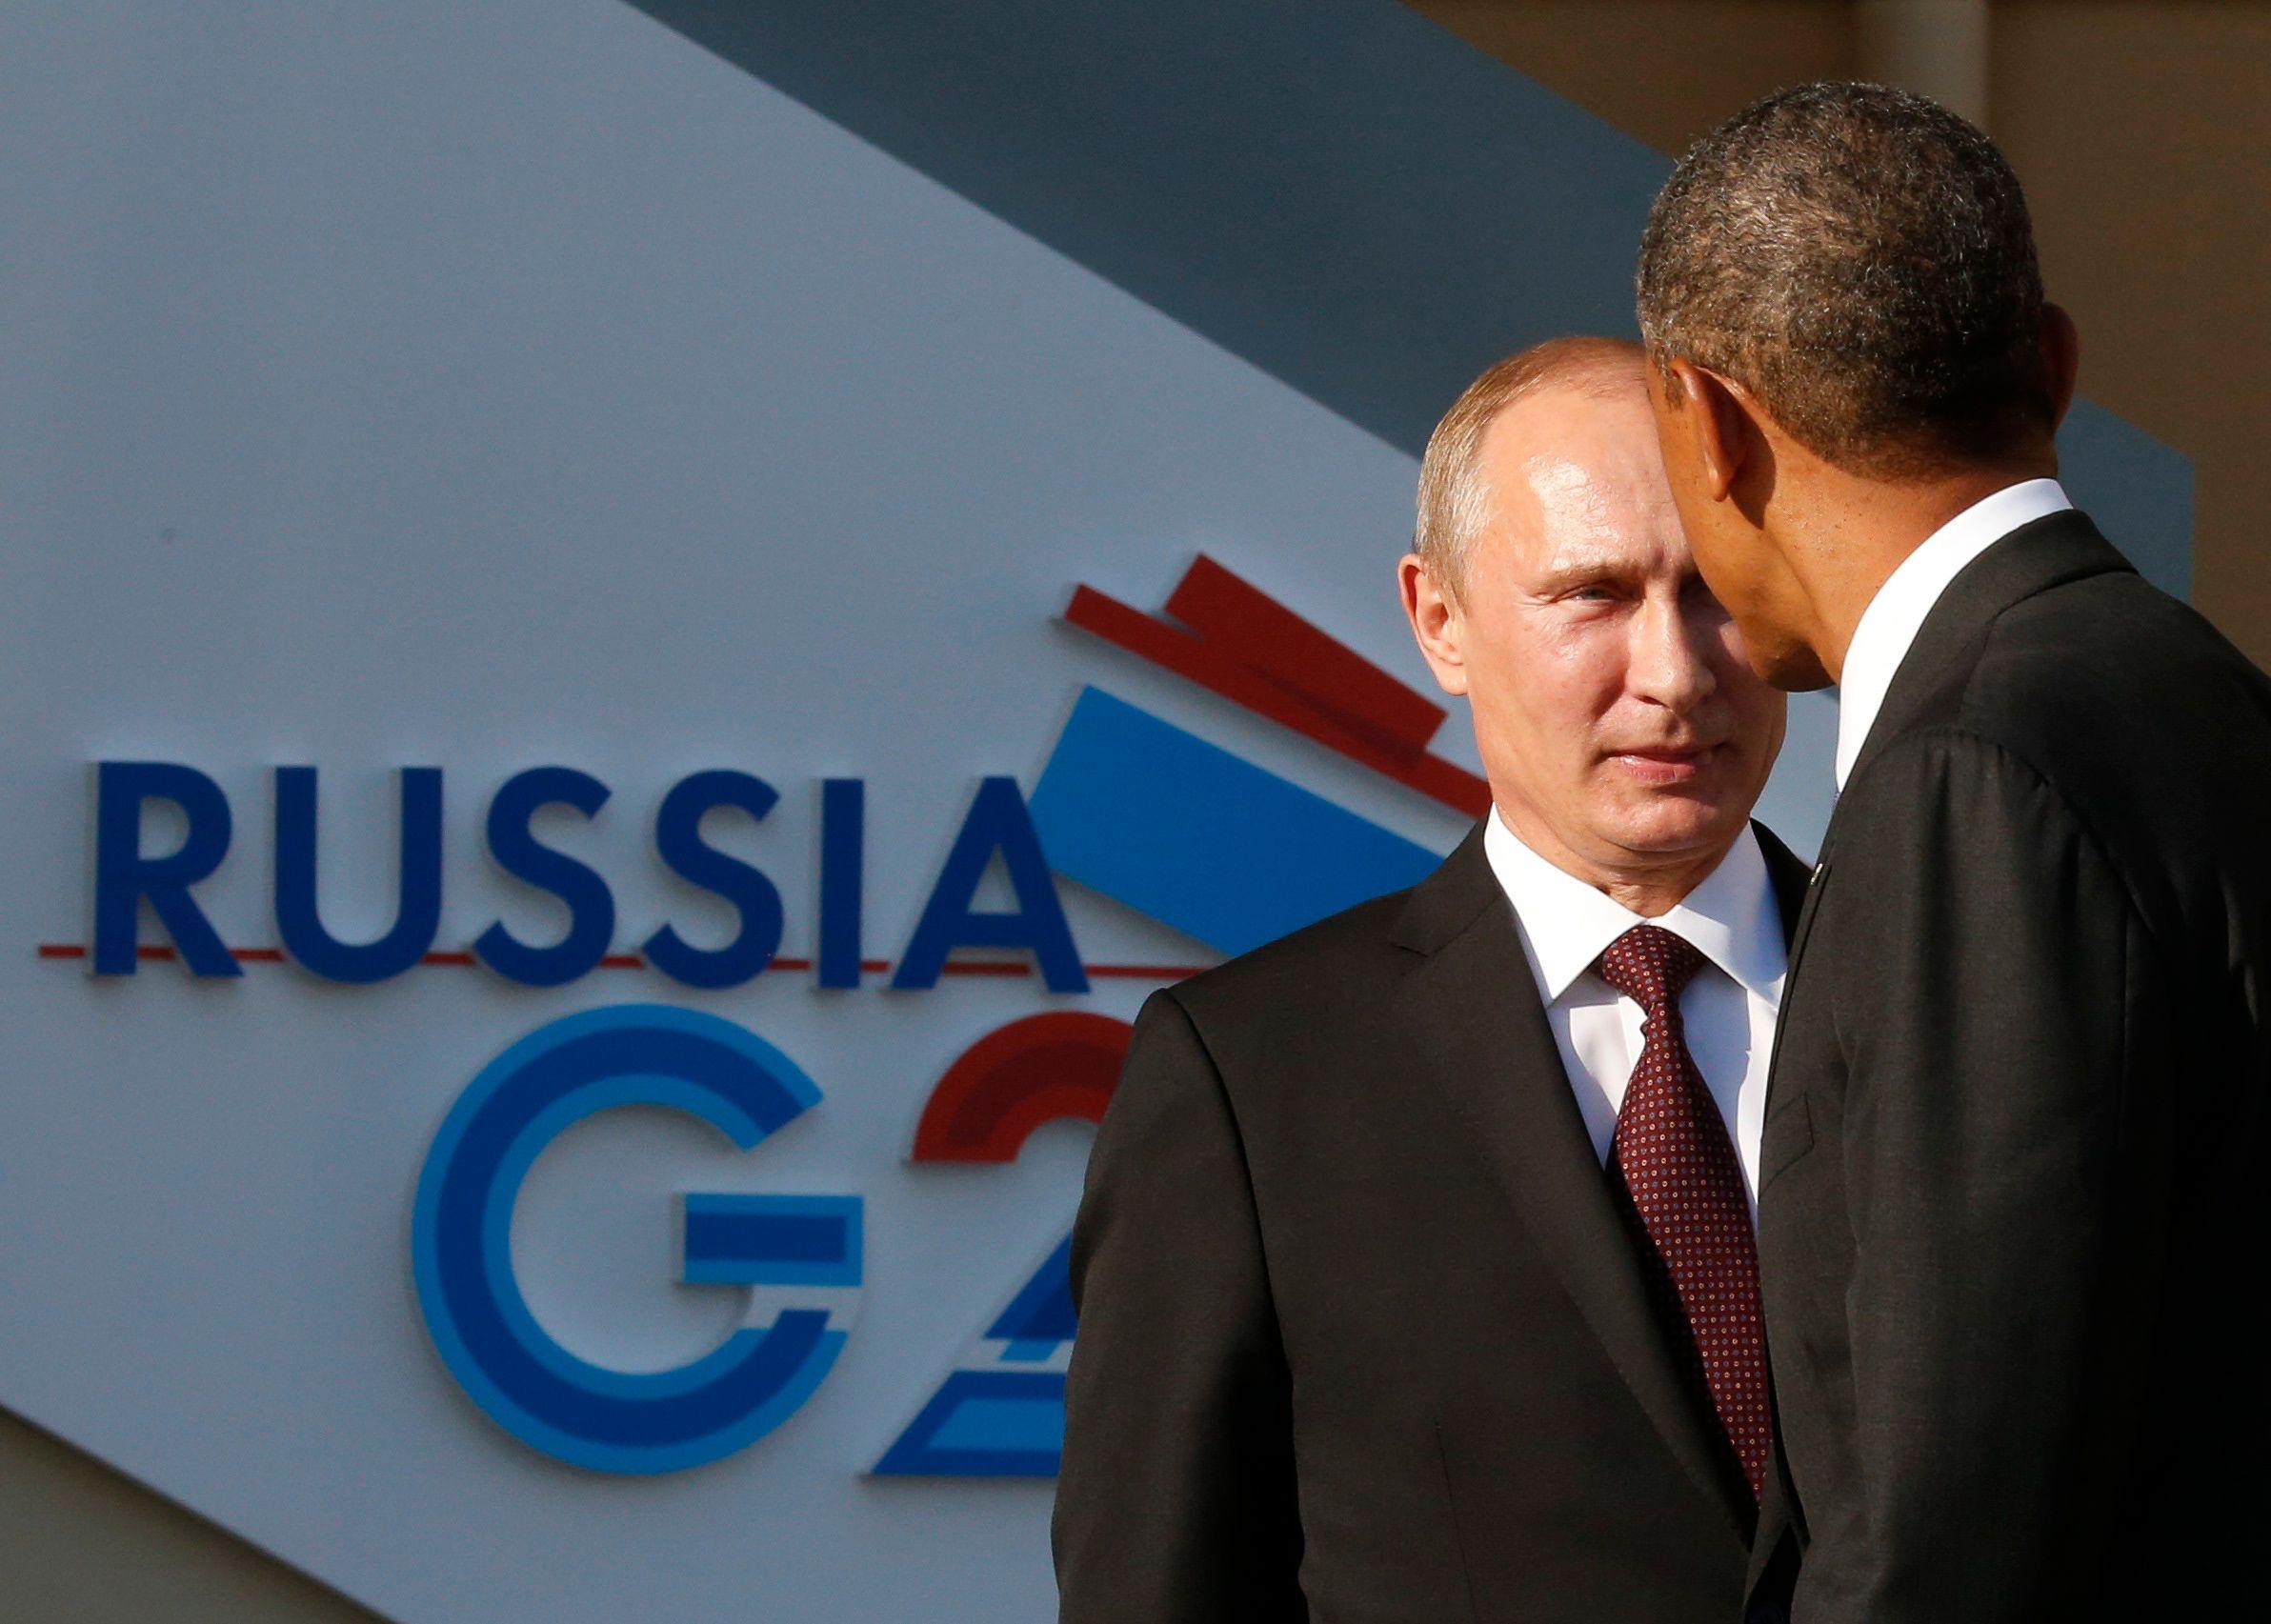 Preuve de la tension qui plane entre Washington et Moscou : la brève poignée de main entre Barack Obama et Vladimir Poutine à l'ouverture. du G20.